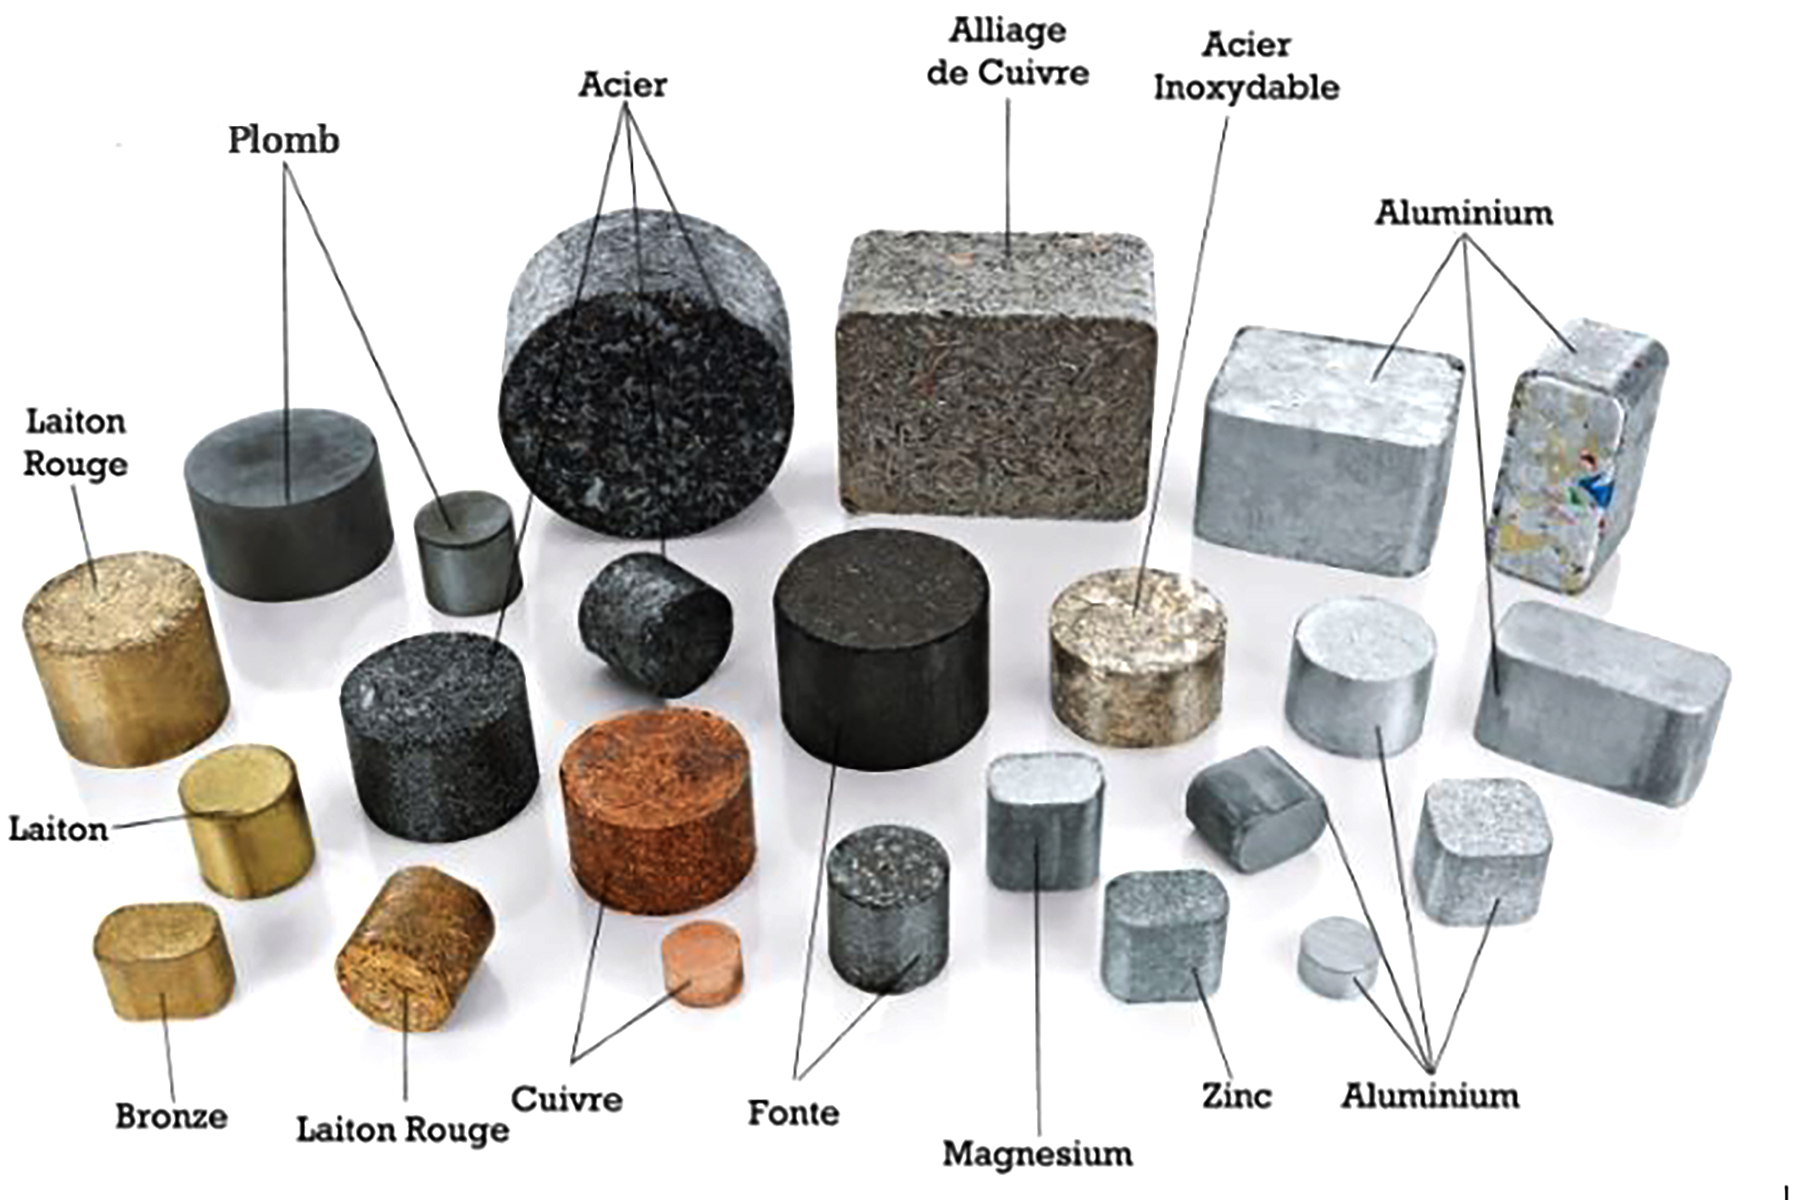 Mécanique - Connaissance des matériaux